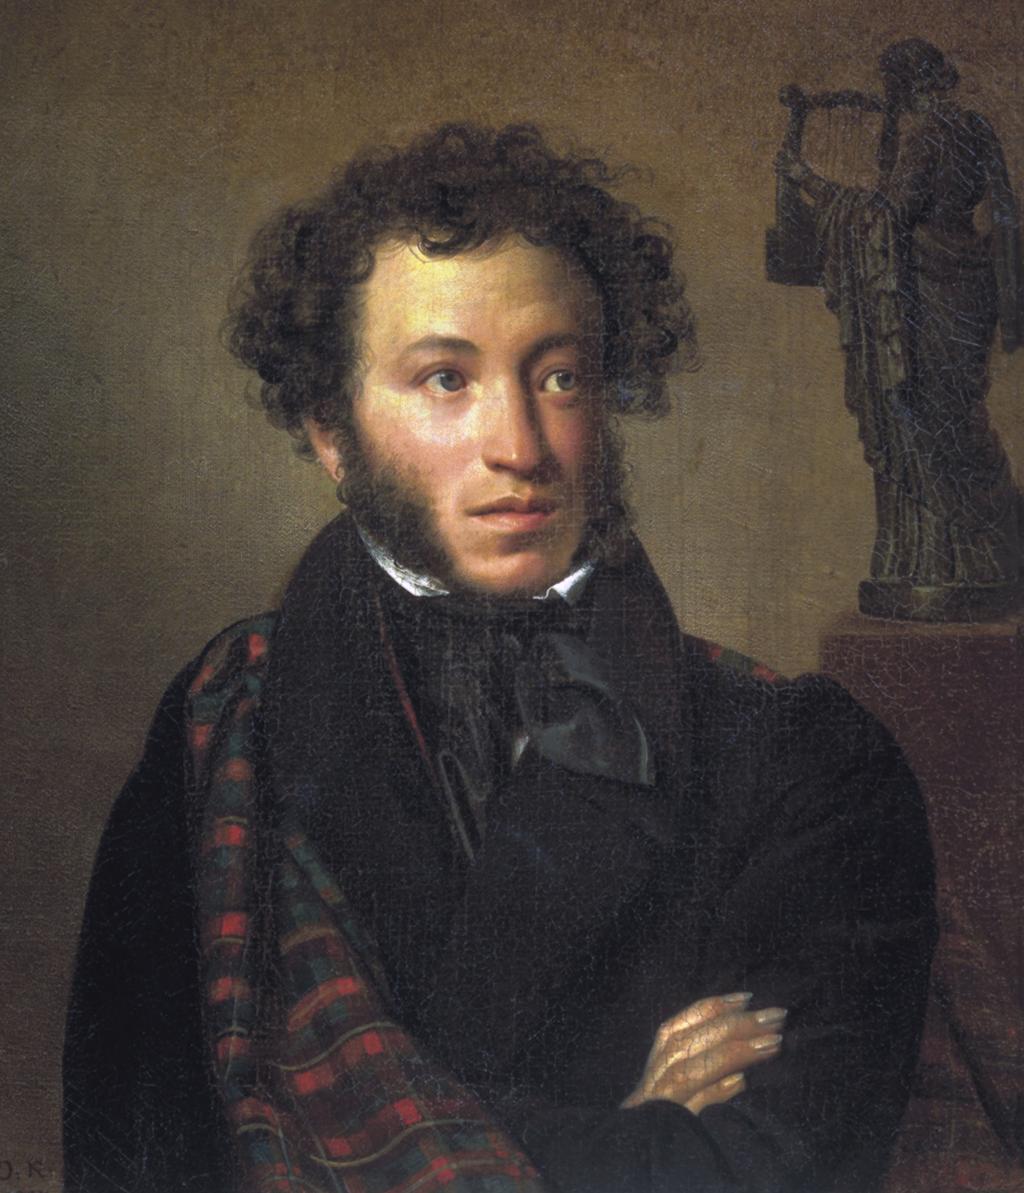 Retrato de Aleksandr Púchkin por Orest Kiprénski.